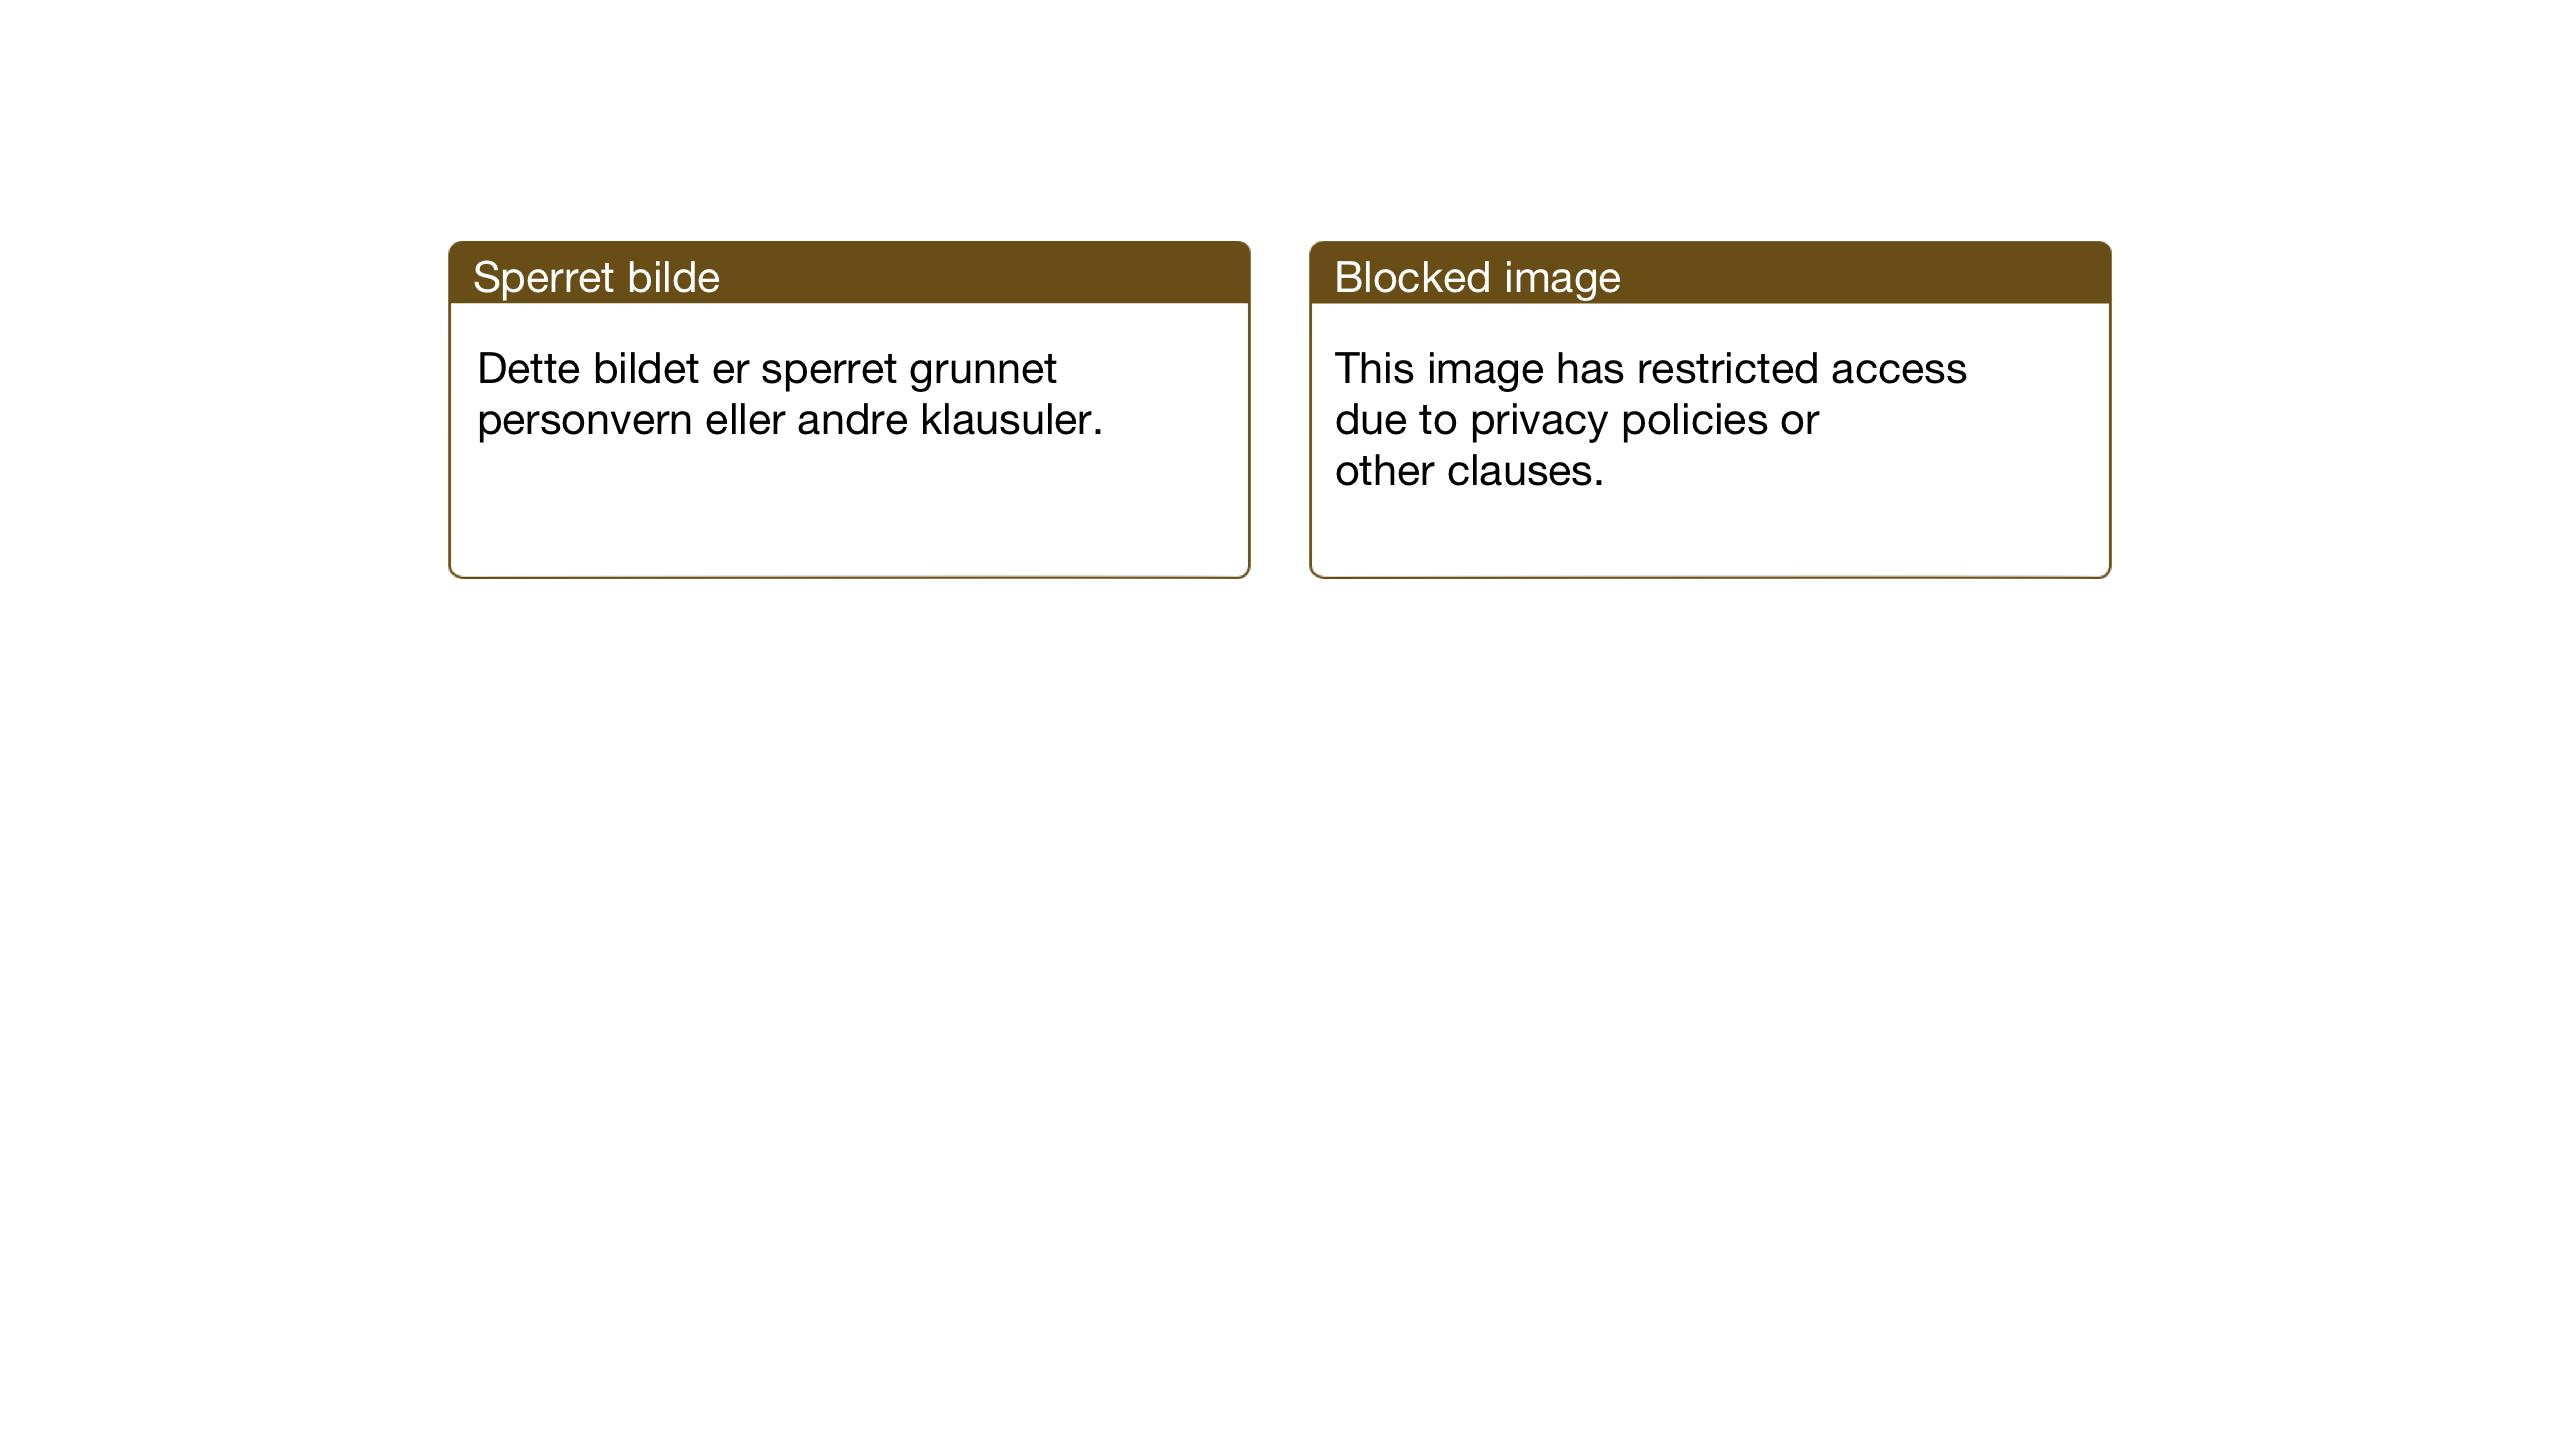 SAT, Ministerialprotokoller, klokkerbøker og fødselsregistre - Nord-Trøndelag, 709/L0089: Klokkerbok nr. 709C03, 1935-1948, s. 163